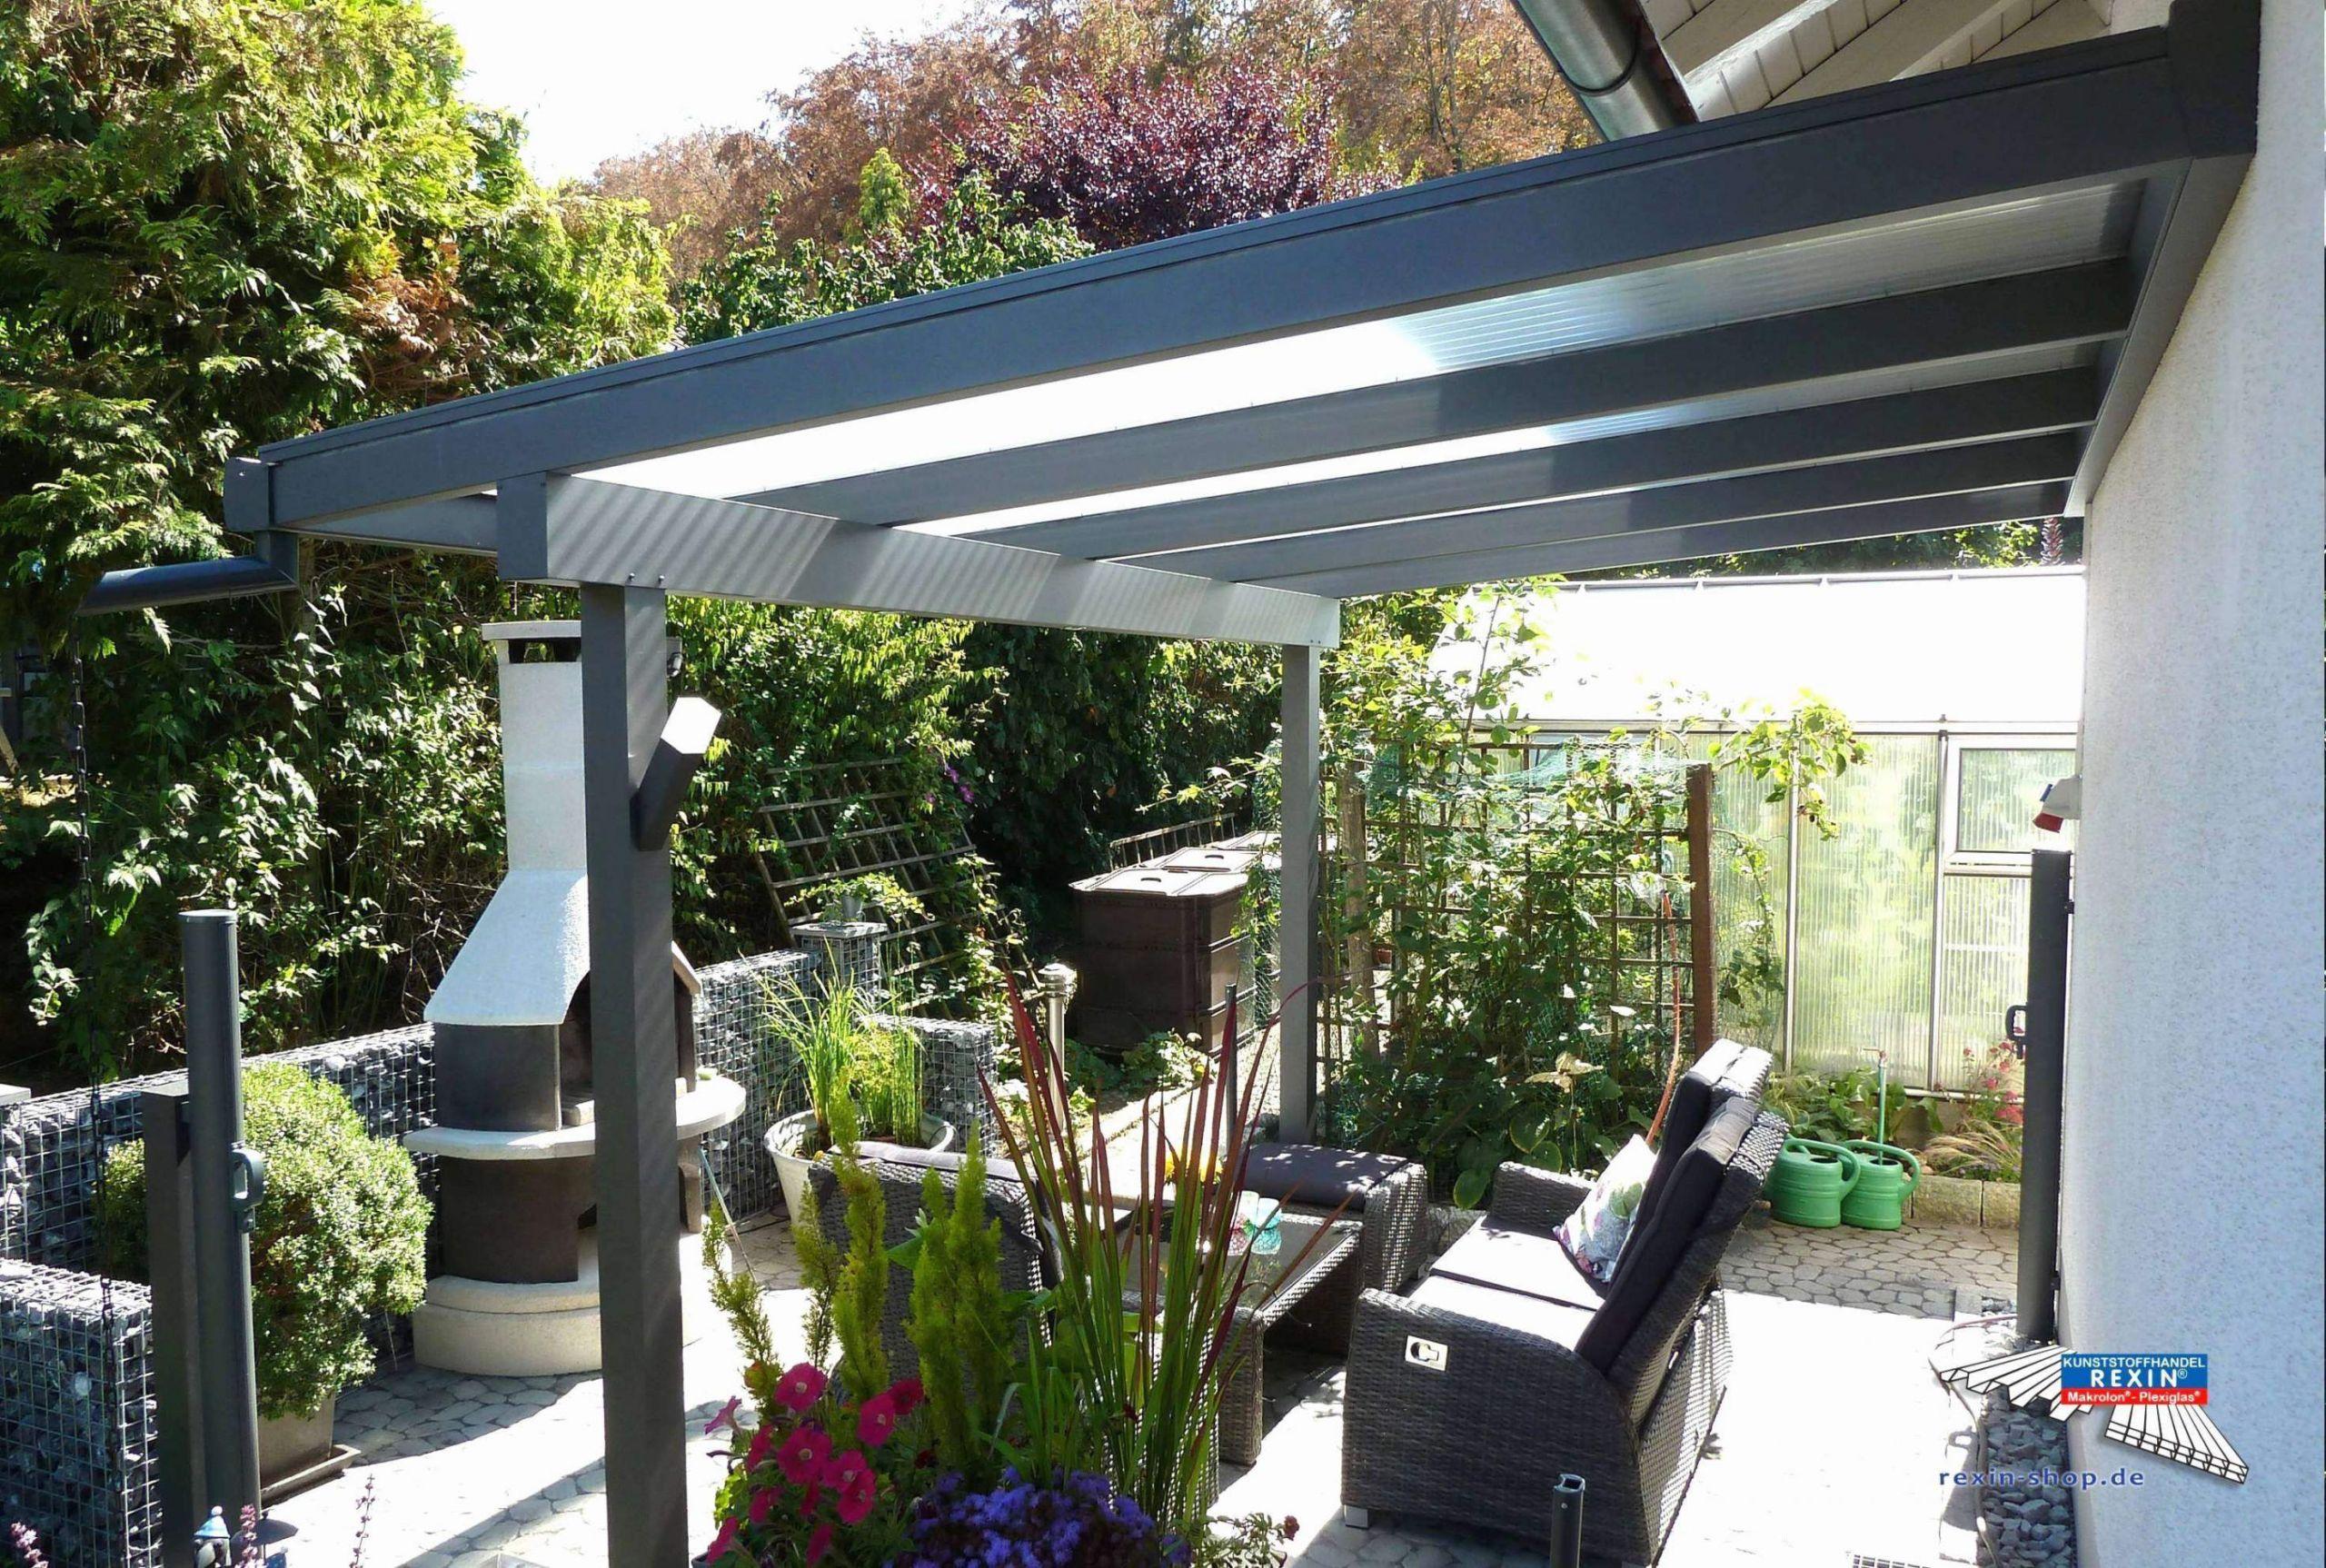 42 luxus sichtschutz garten pflanzen foto sichtschutz terrasse pflanzen sichtschutz terrasse pflanzen